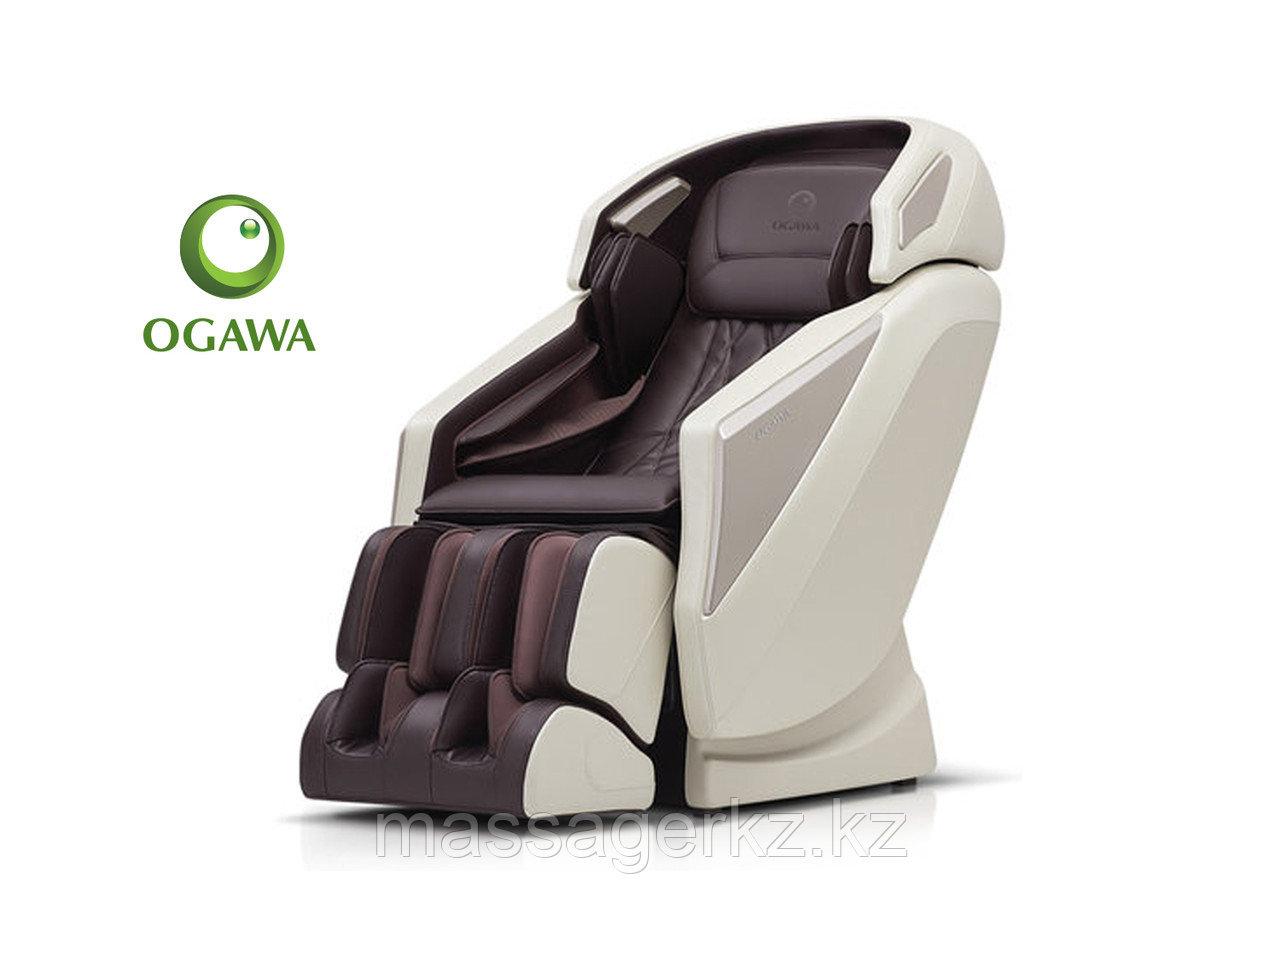 Массажное кресло OGAWA UNO SMART JOY UN624D ПРЕДЗАКАЗ